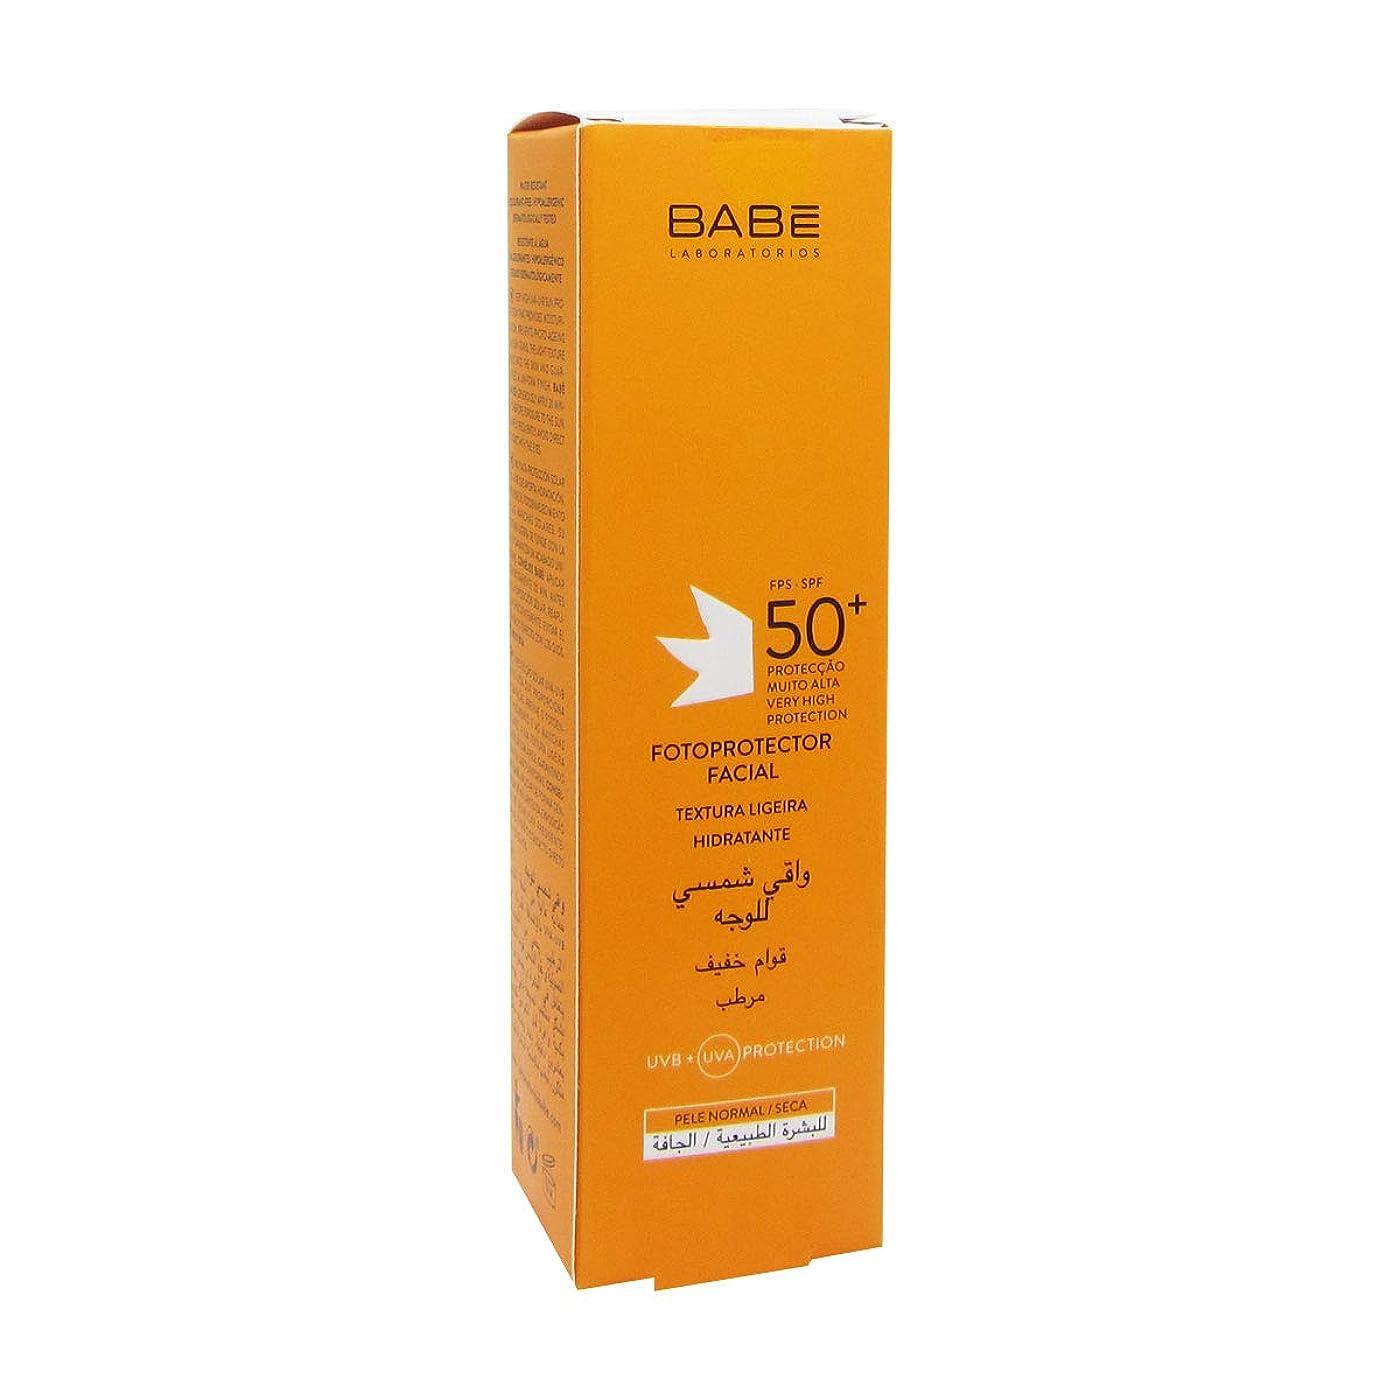 結果として先例転用Bab Sun Light Facial Photoprotector Fps50+ 50ml [並行輸入品]